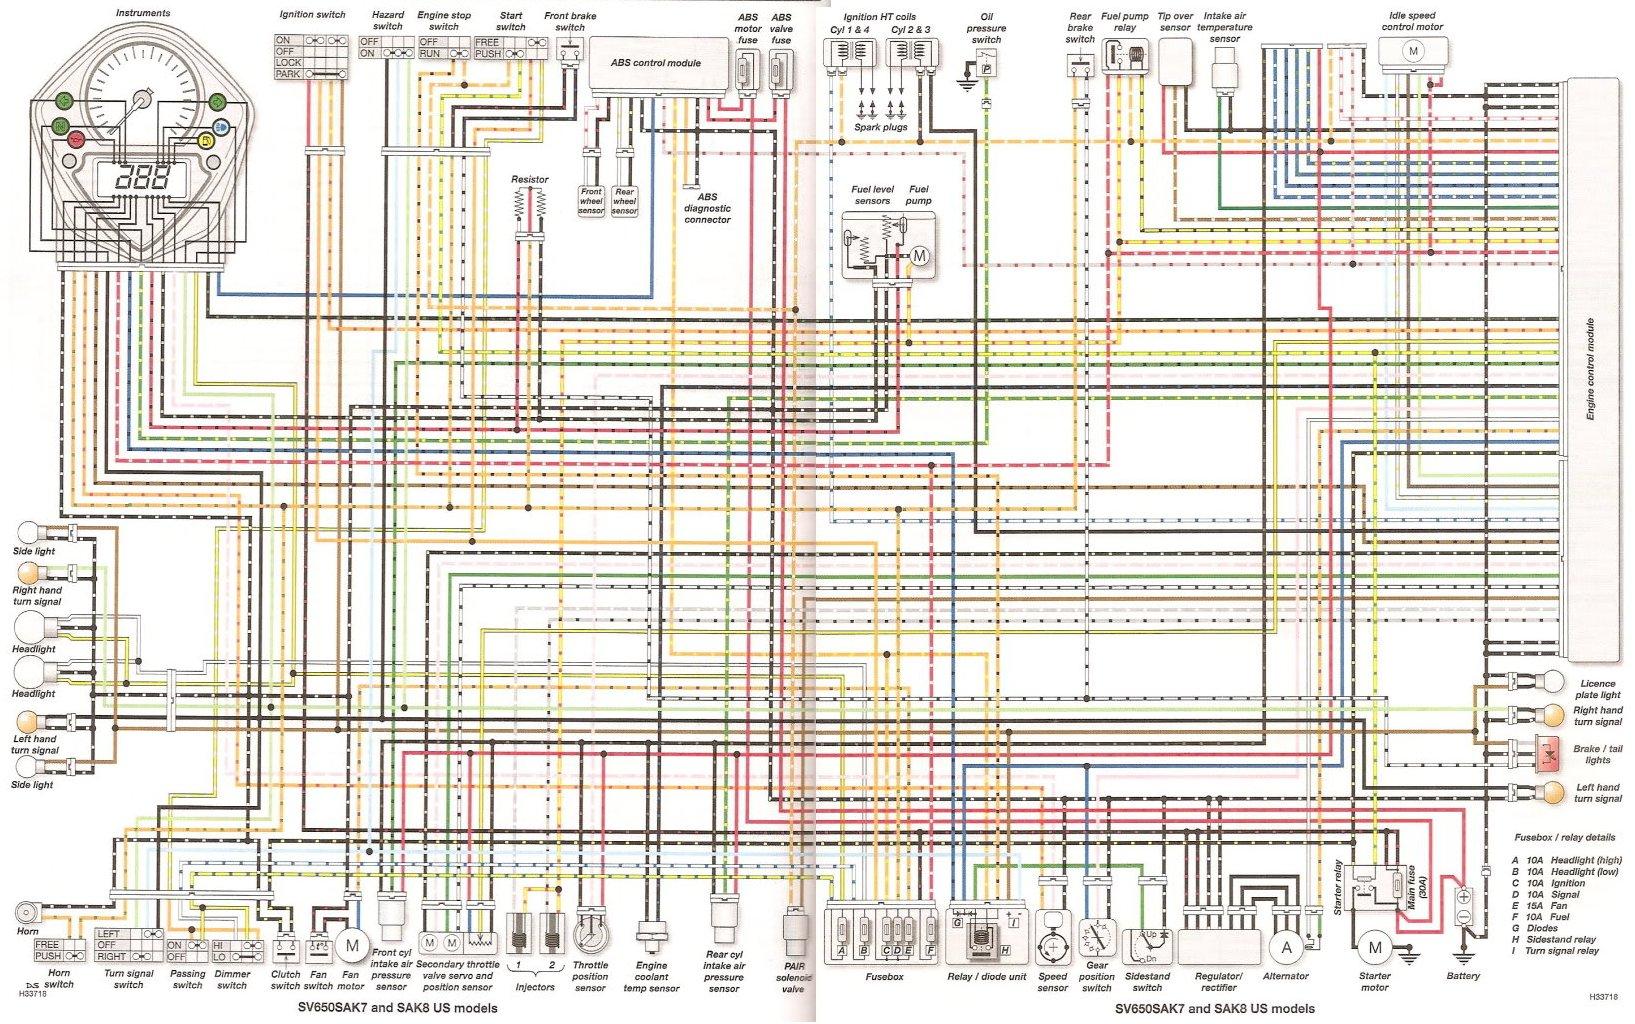 2008 Gsxr 600 Wiring Diagram: Amazing 2004 Gsxr 1000 Wiring Diagram  Contemporary - Electrical ,